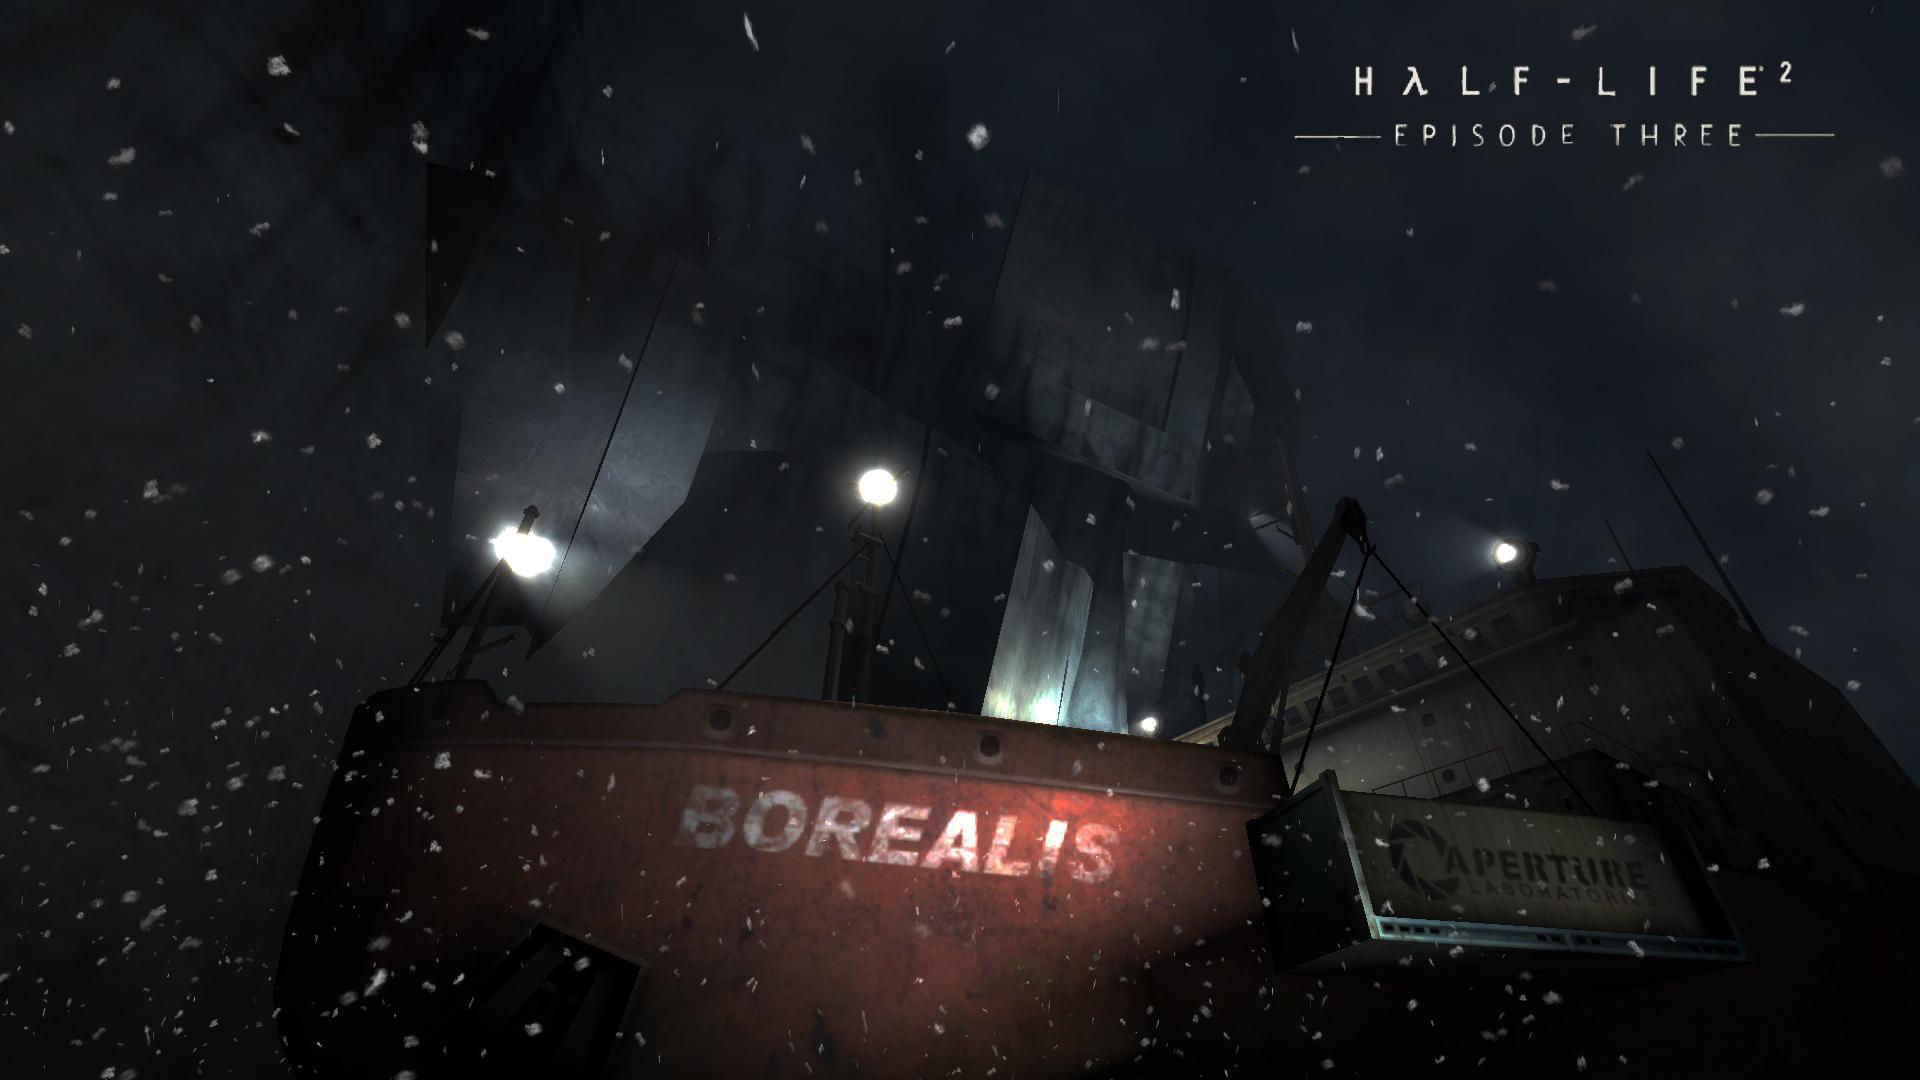 Half Life 2-Episode 3 Borealis by DevilMage on DeviantArt